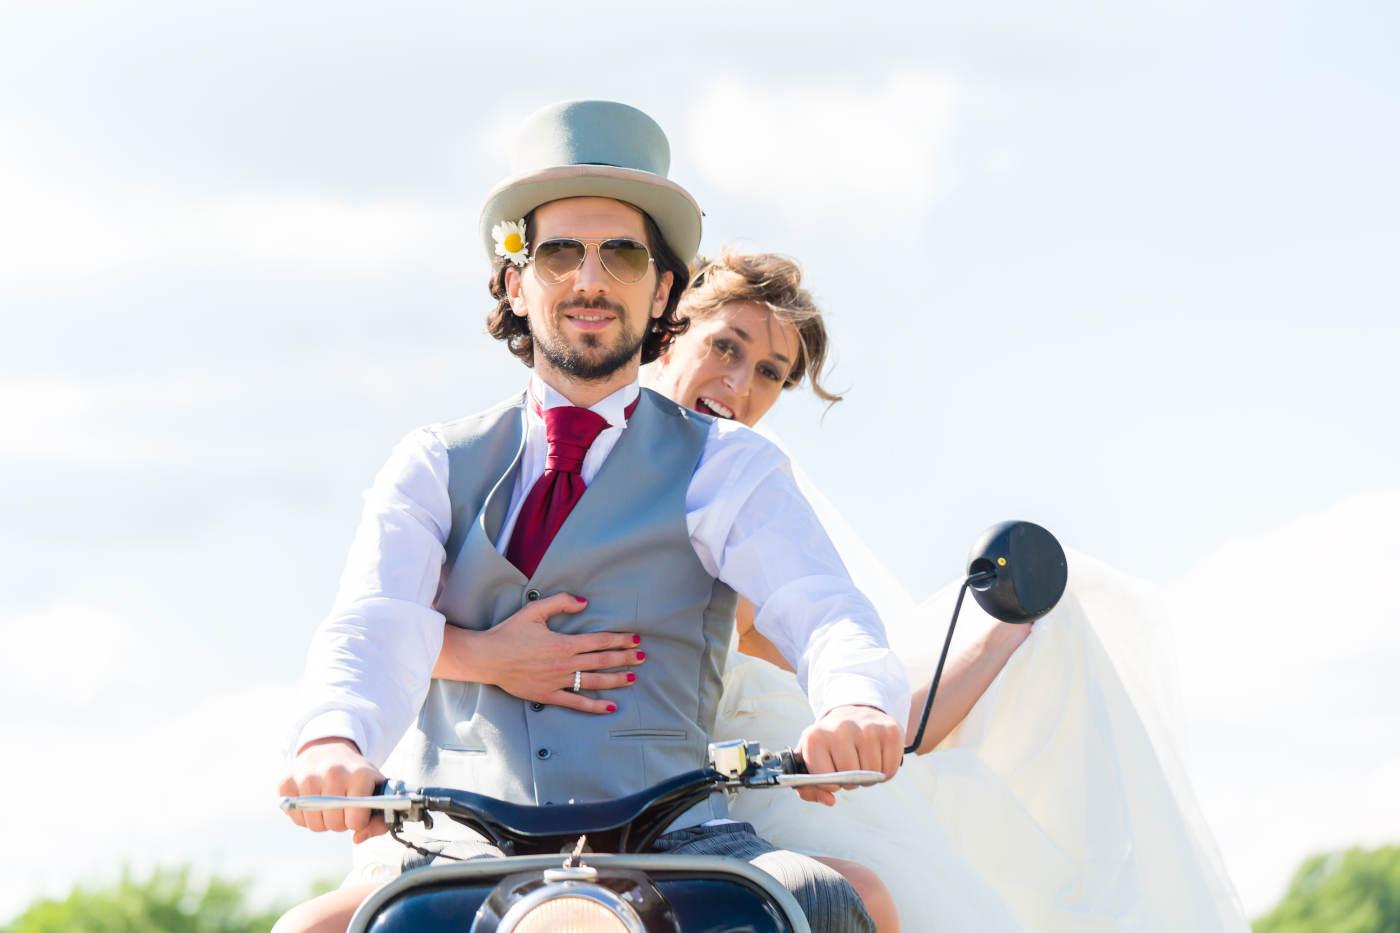 Hochzeitspaar mit Edelstahl-Trauring